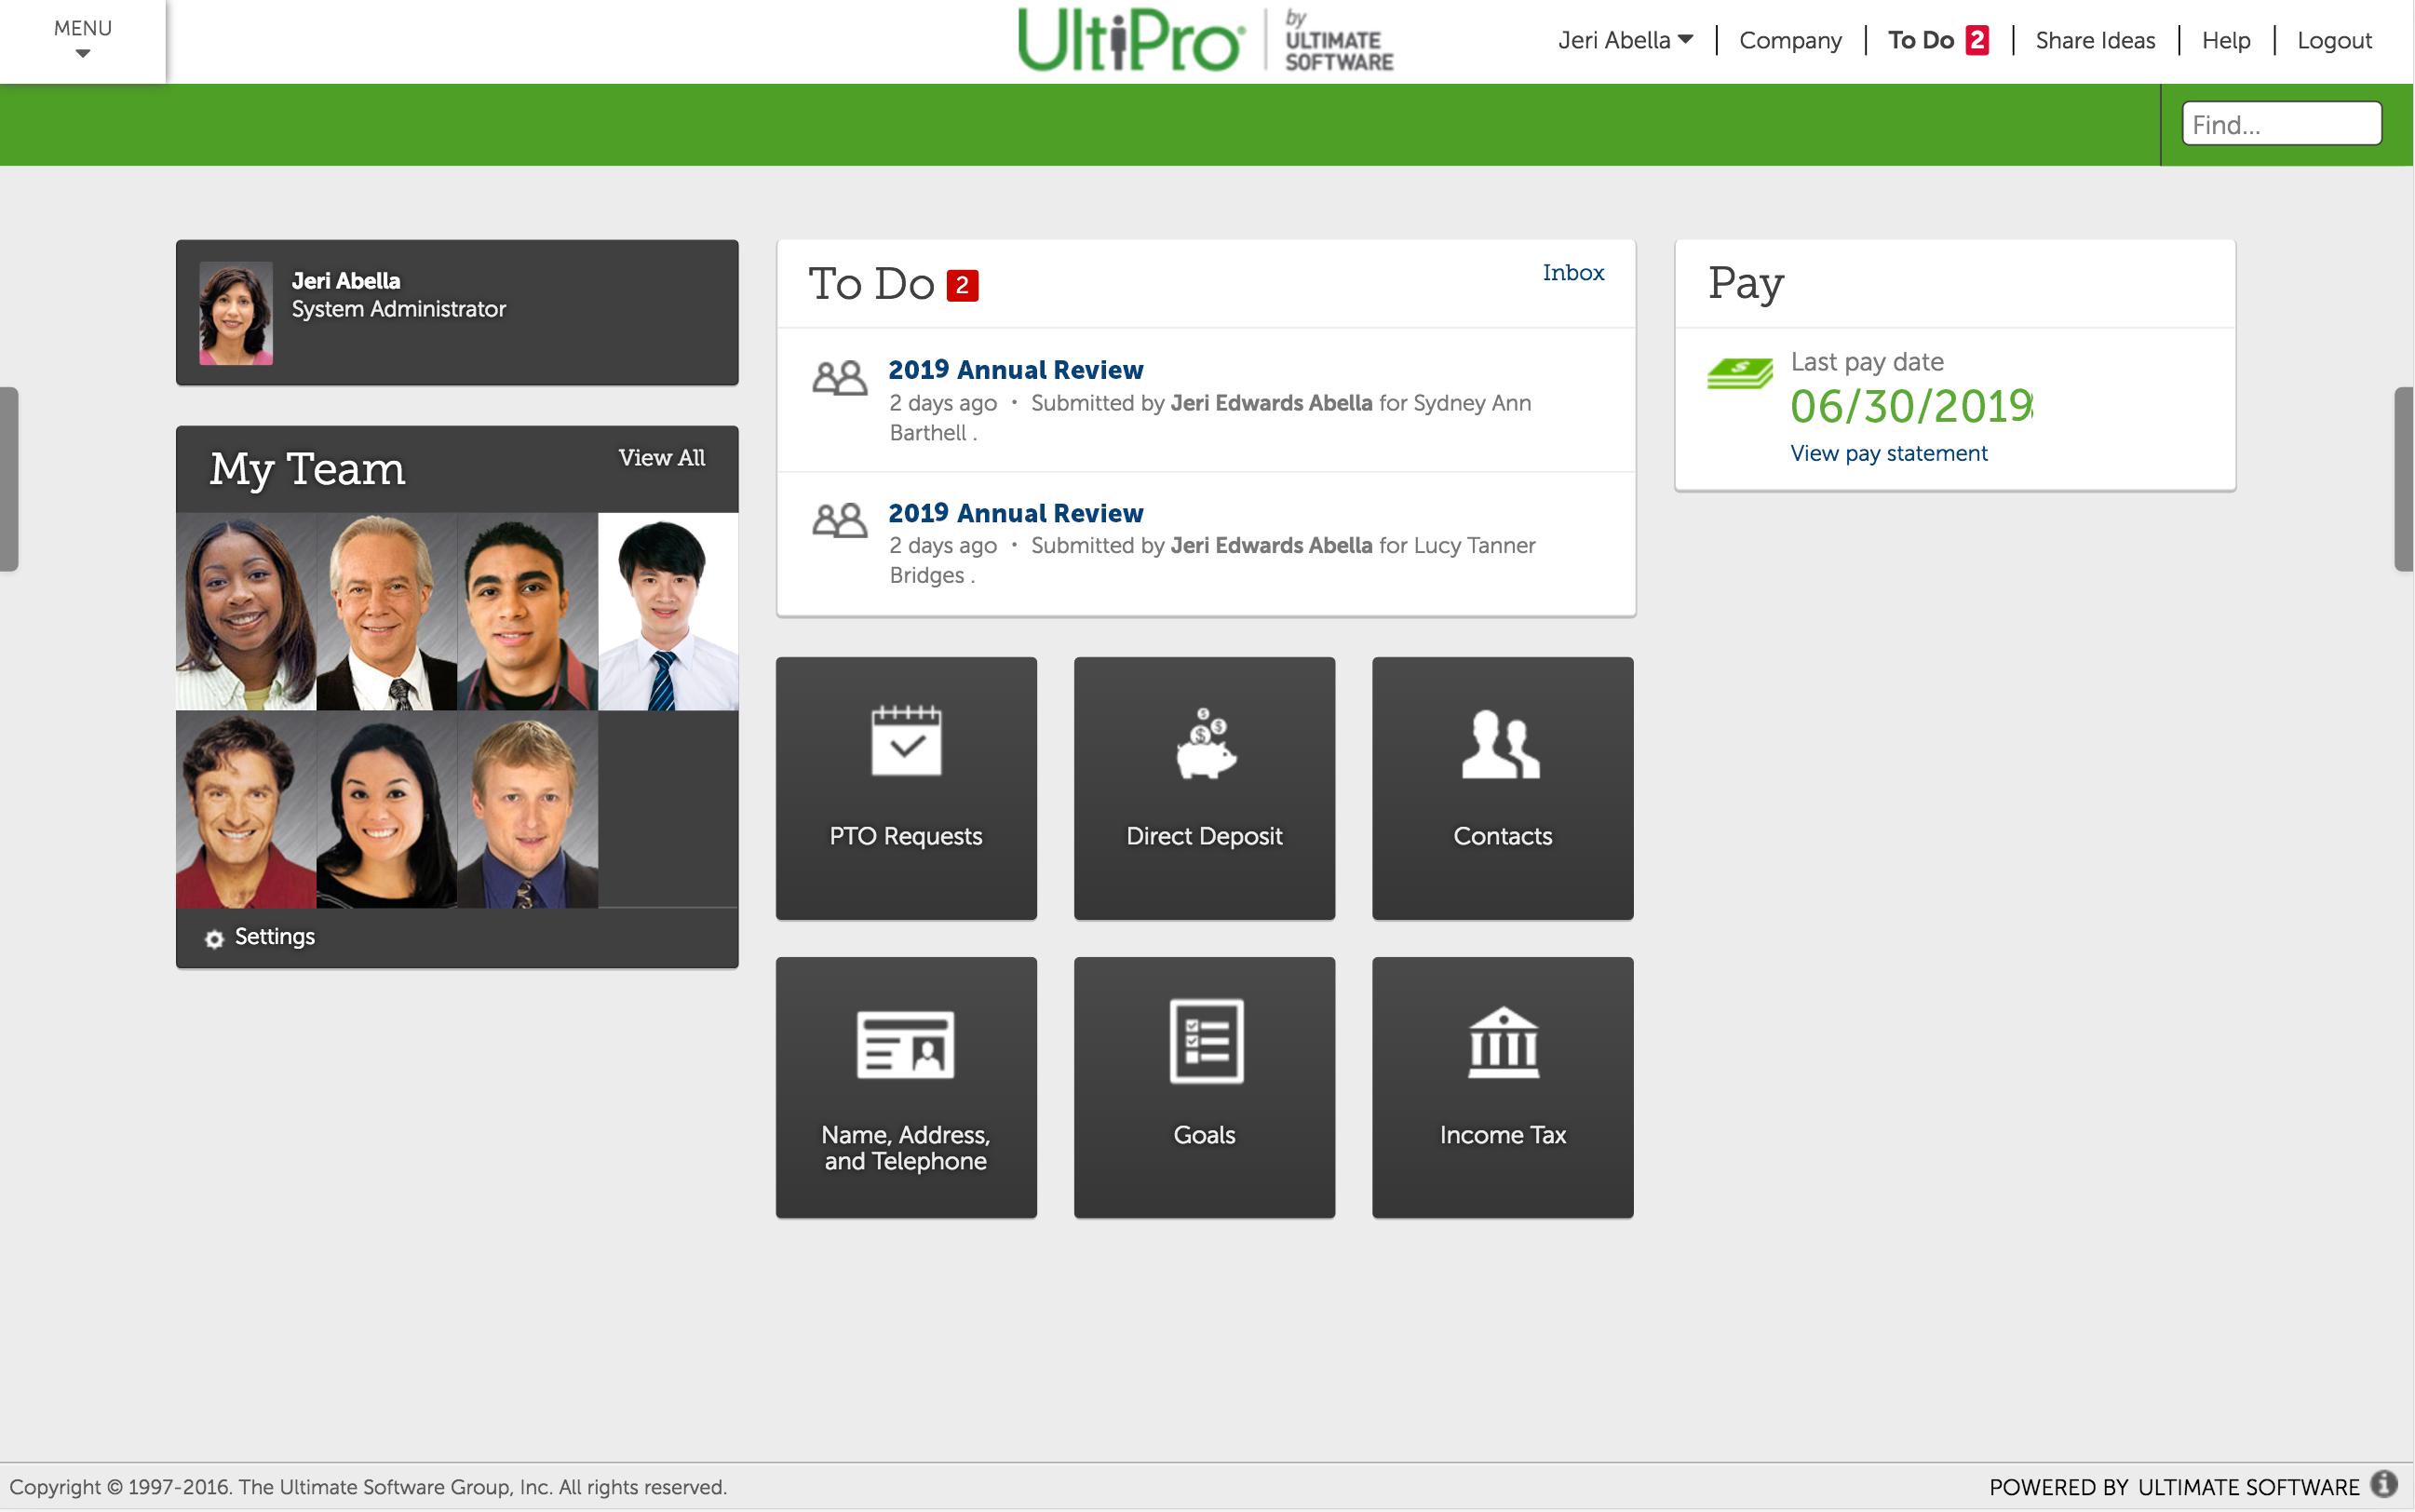 UltiPro Reviews & Ratings | TrustRadius